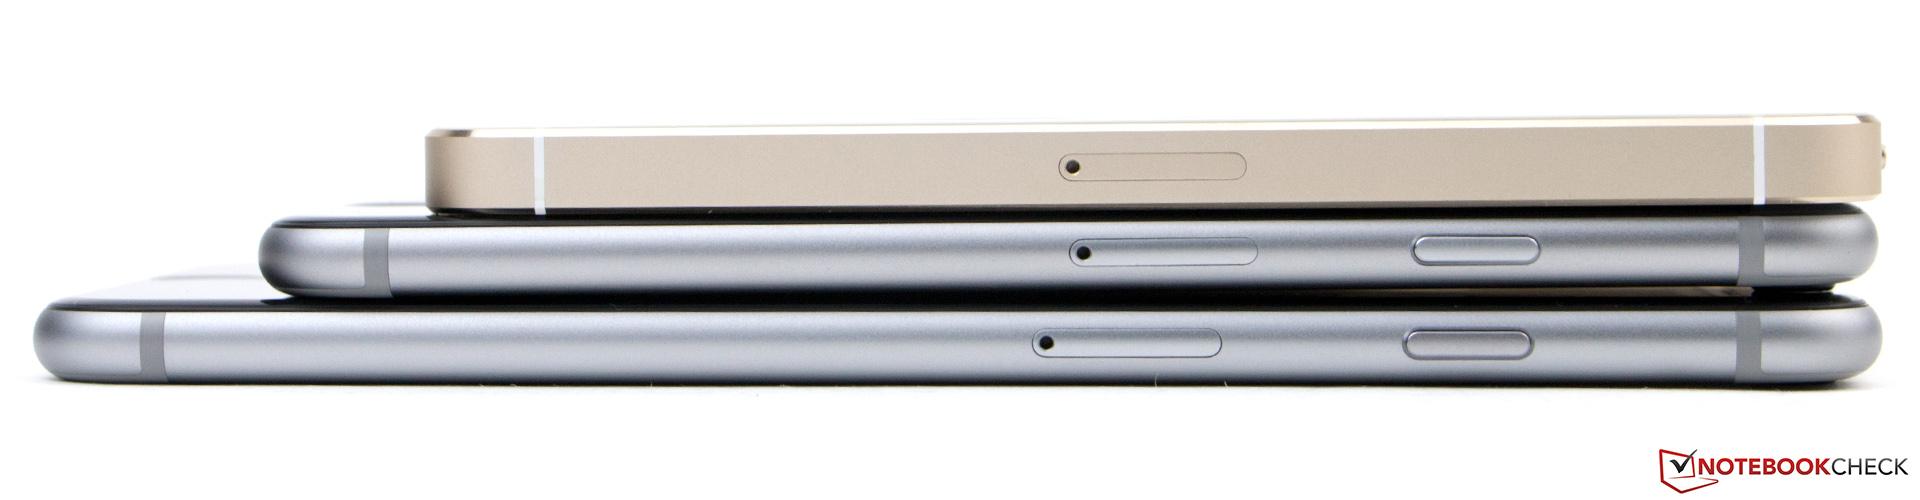 von oben iphone 5s iphone 6 und iphone 6 plus